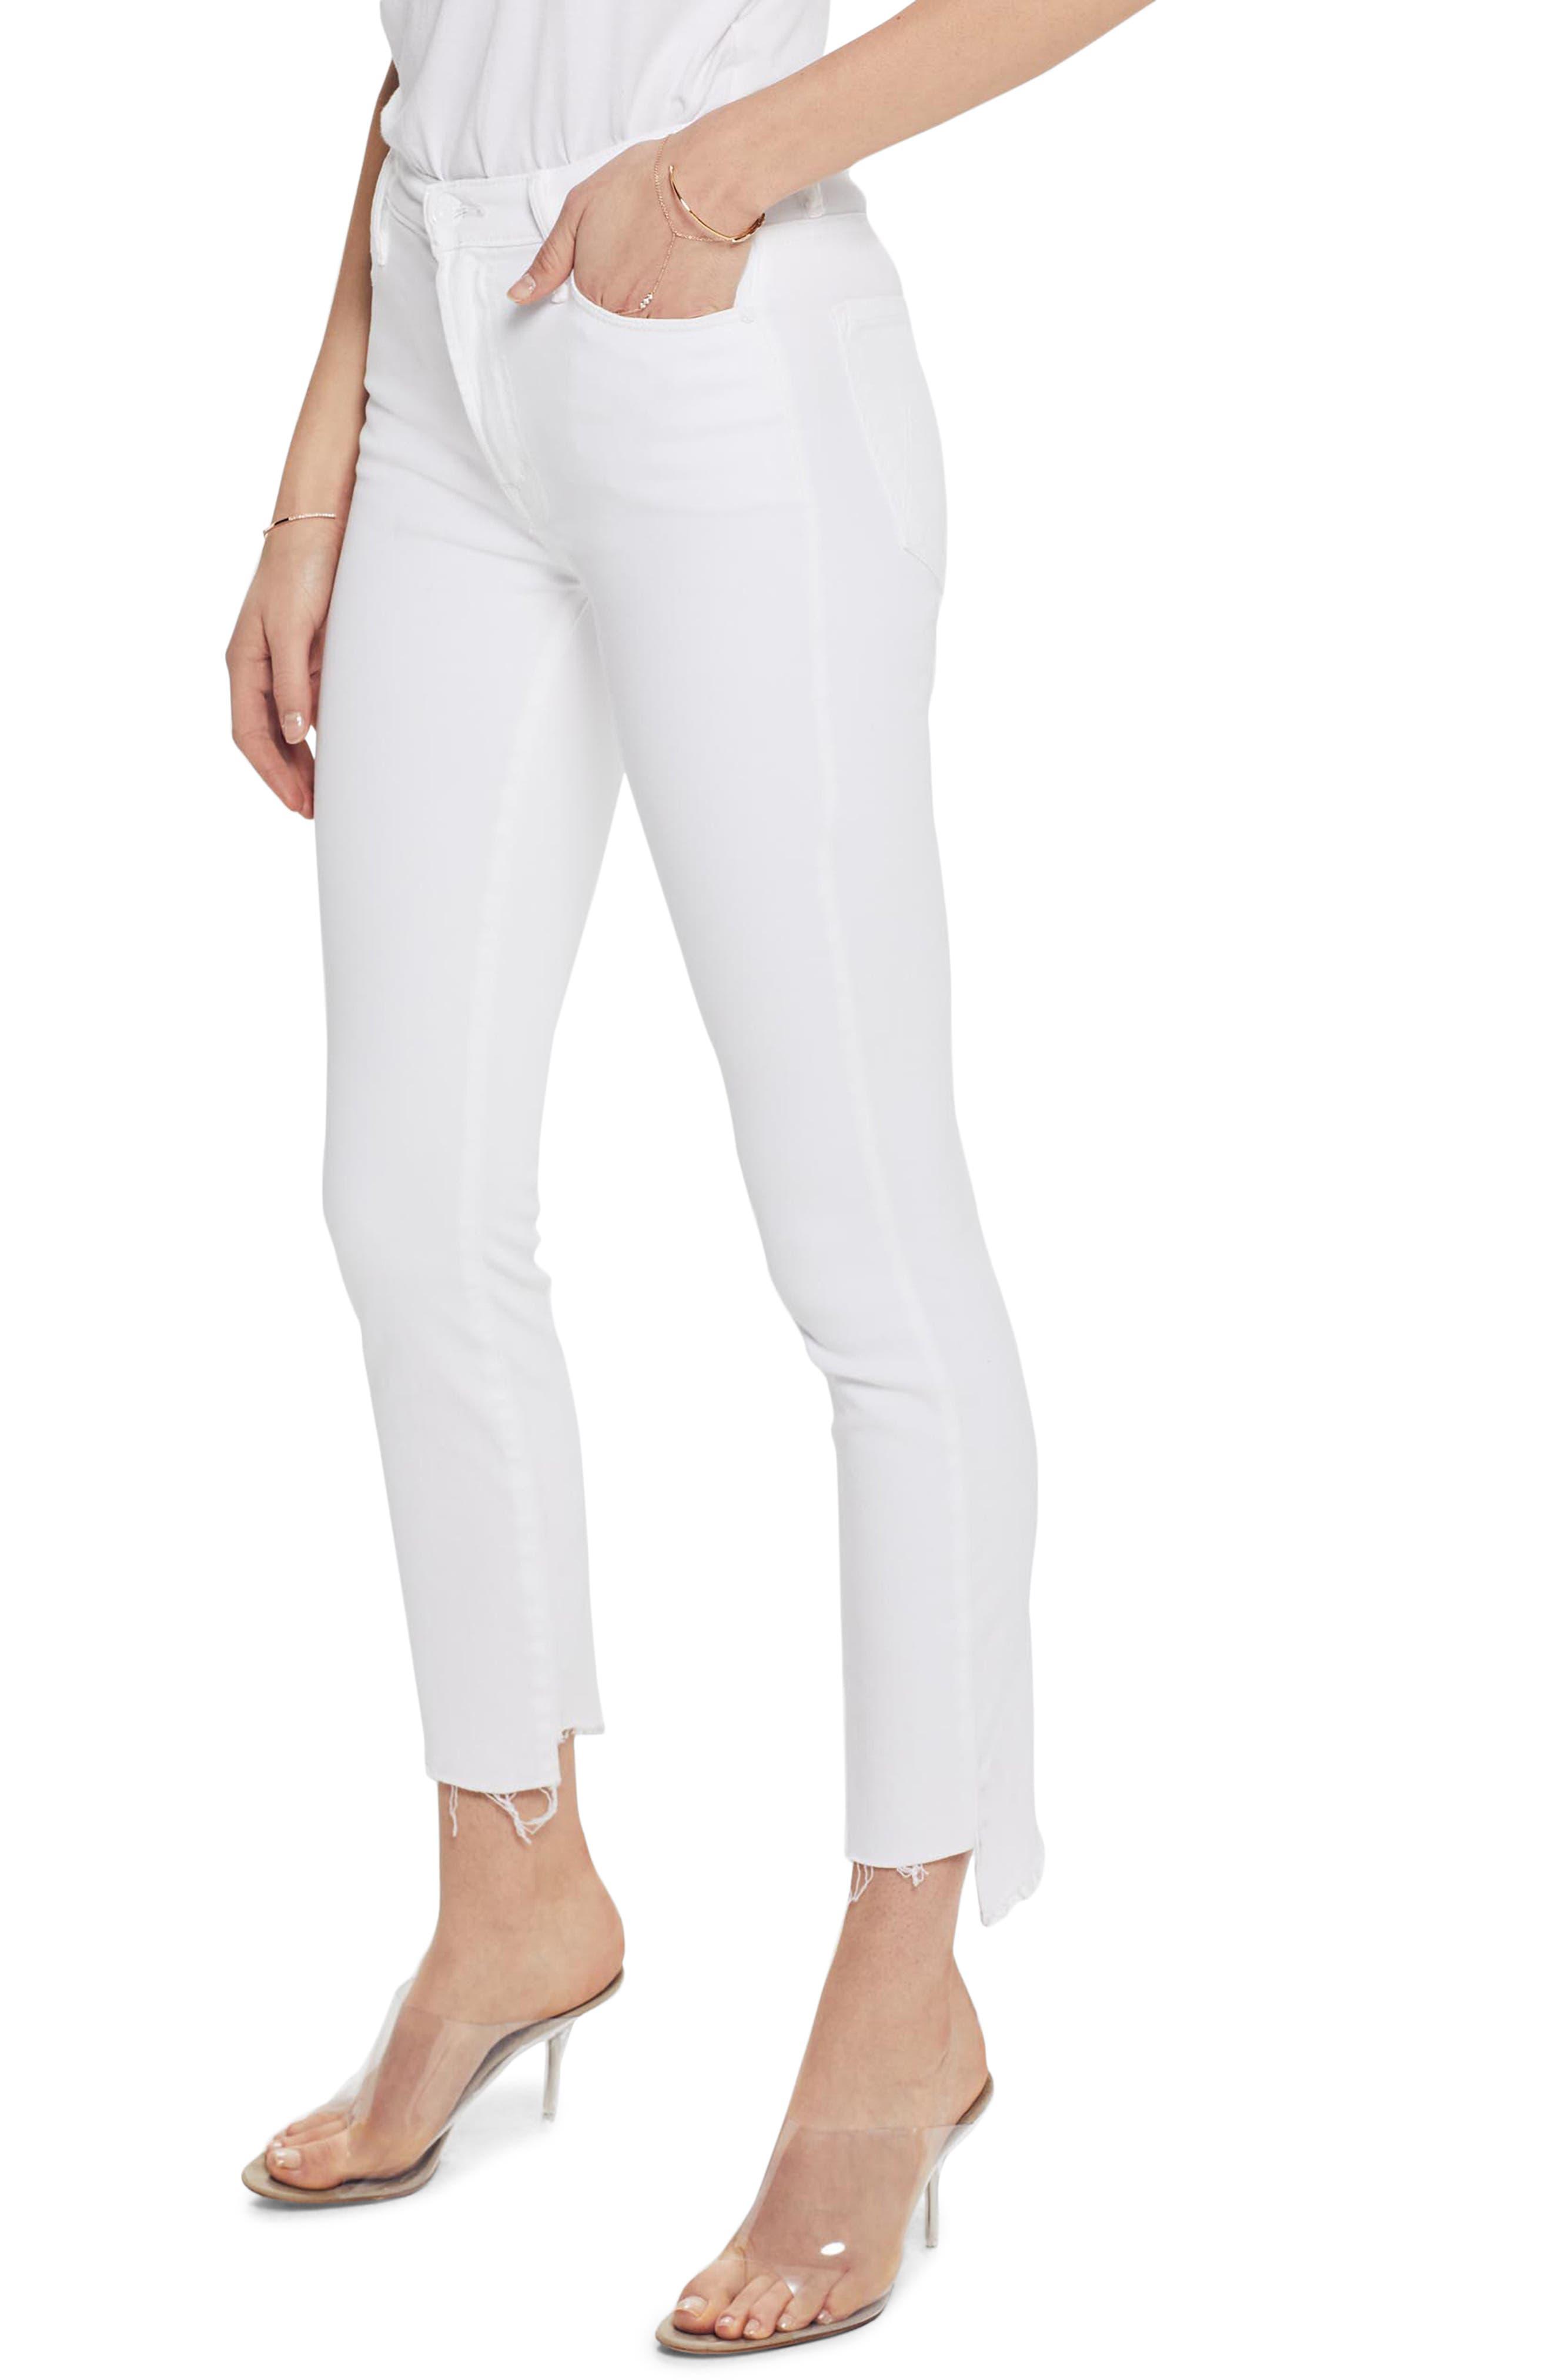 MOTHER, The Stunner Frayed Step Hem Skinny Jeans, Main thumbnail 1, color, GLASS SLIPPER